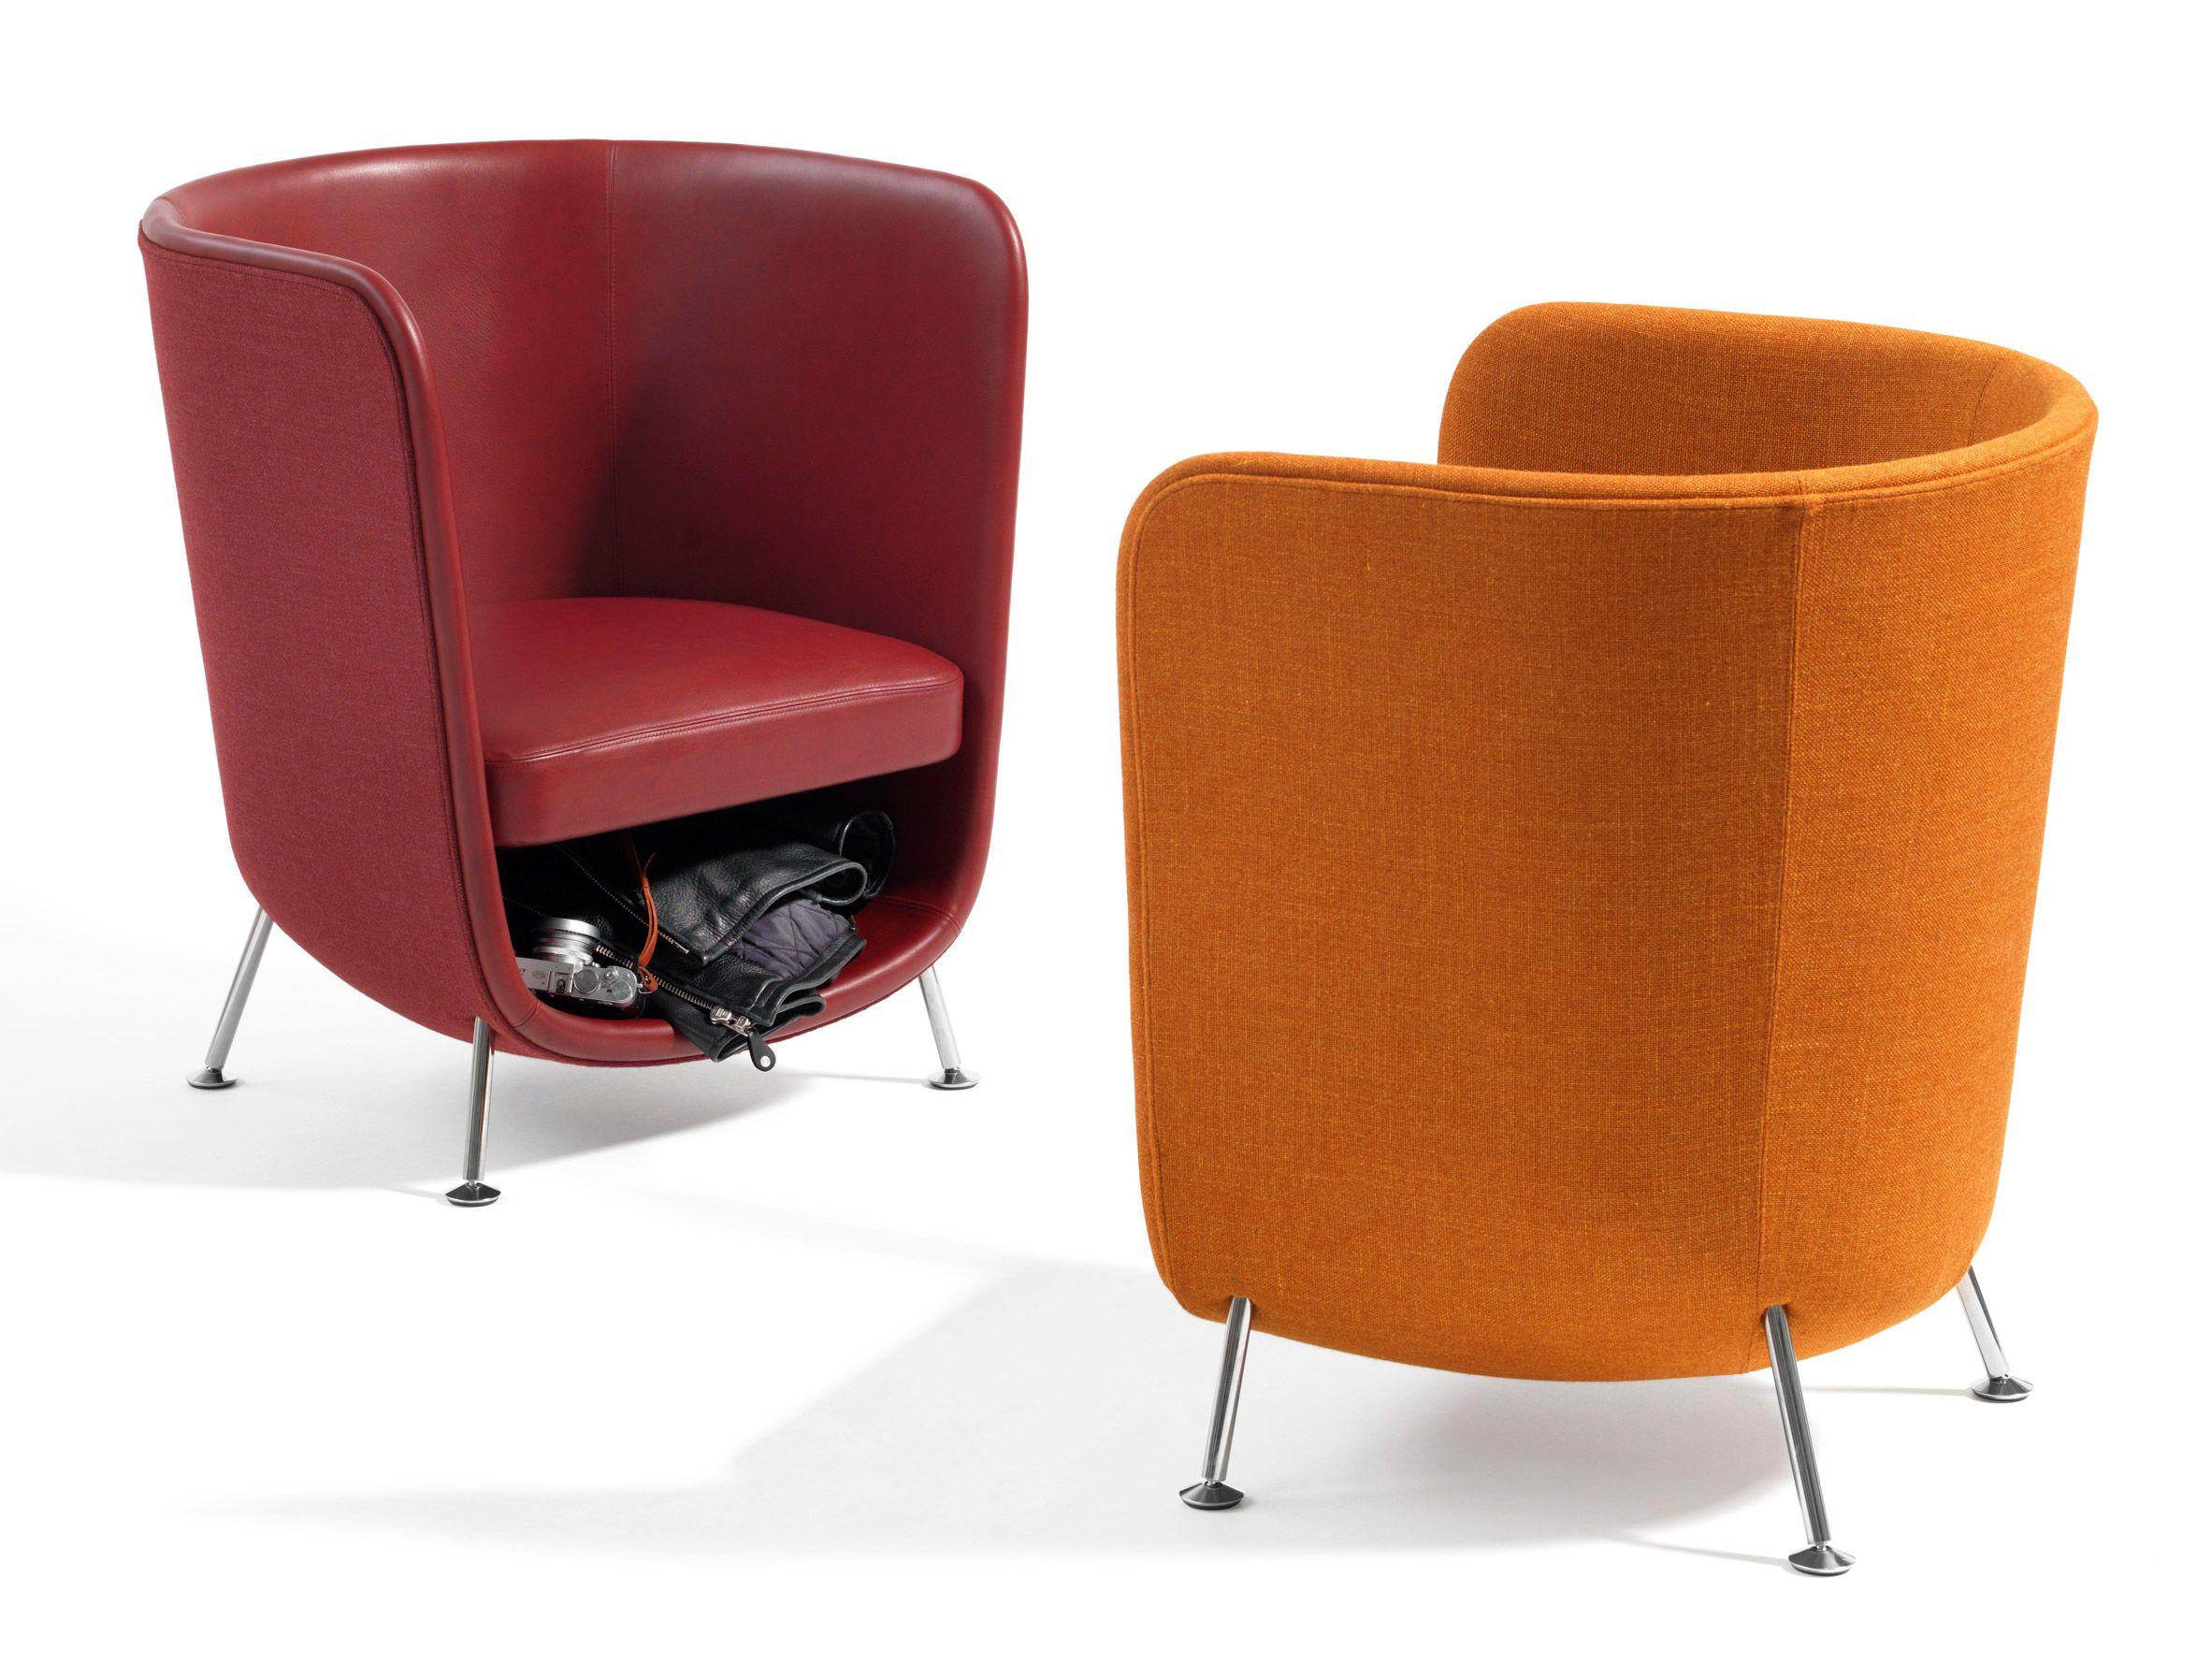 Schön Erkunde Moderne Möbel, Möbeldesign Und Noch Mehr!